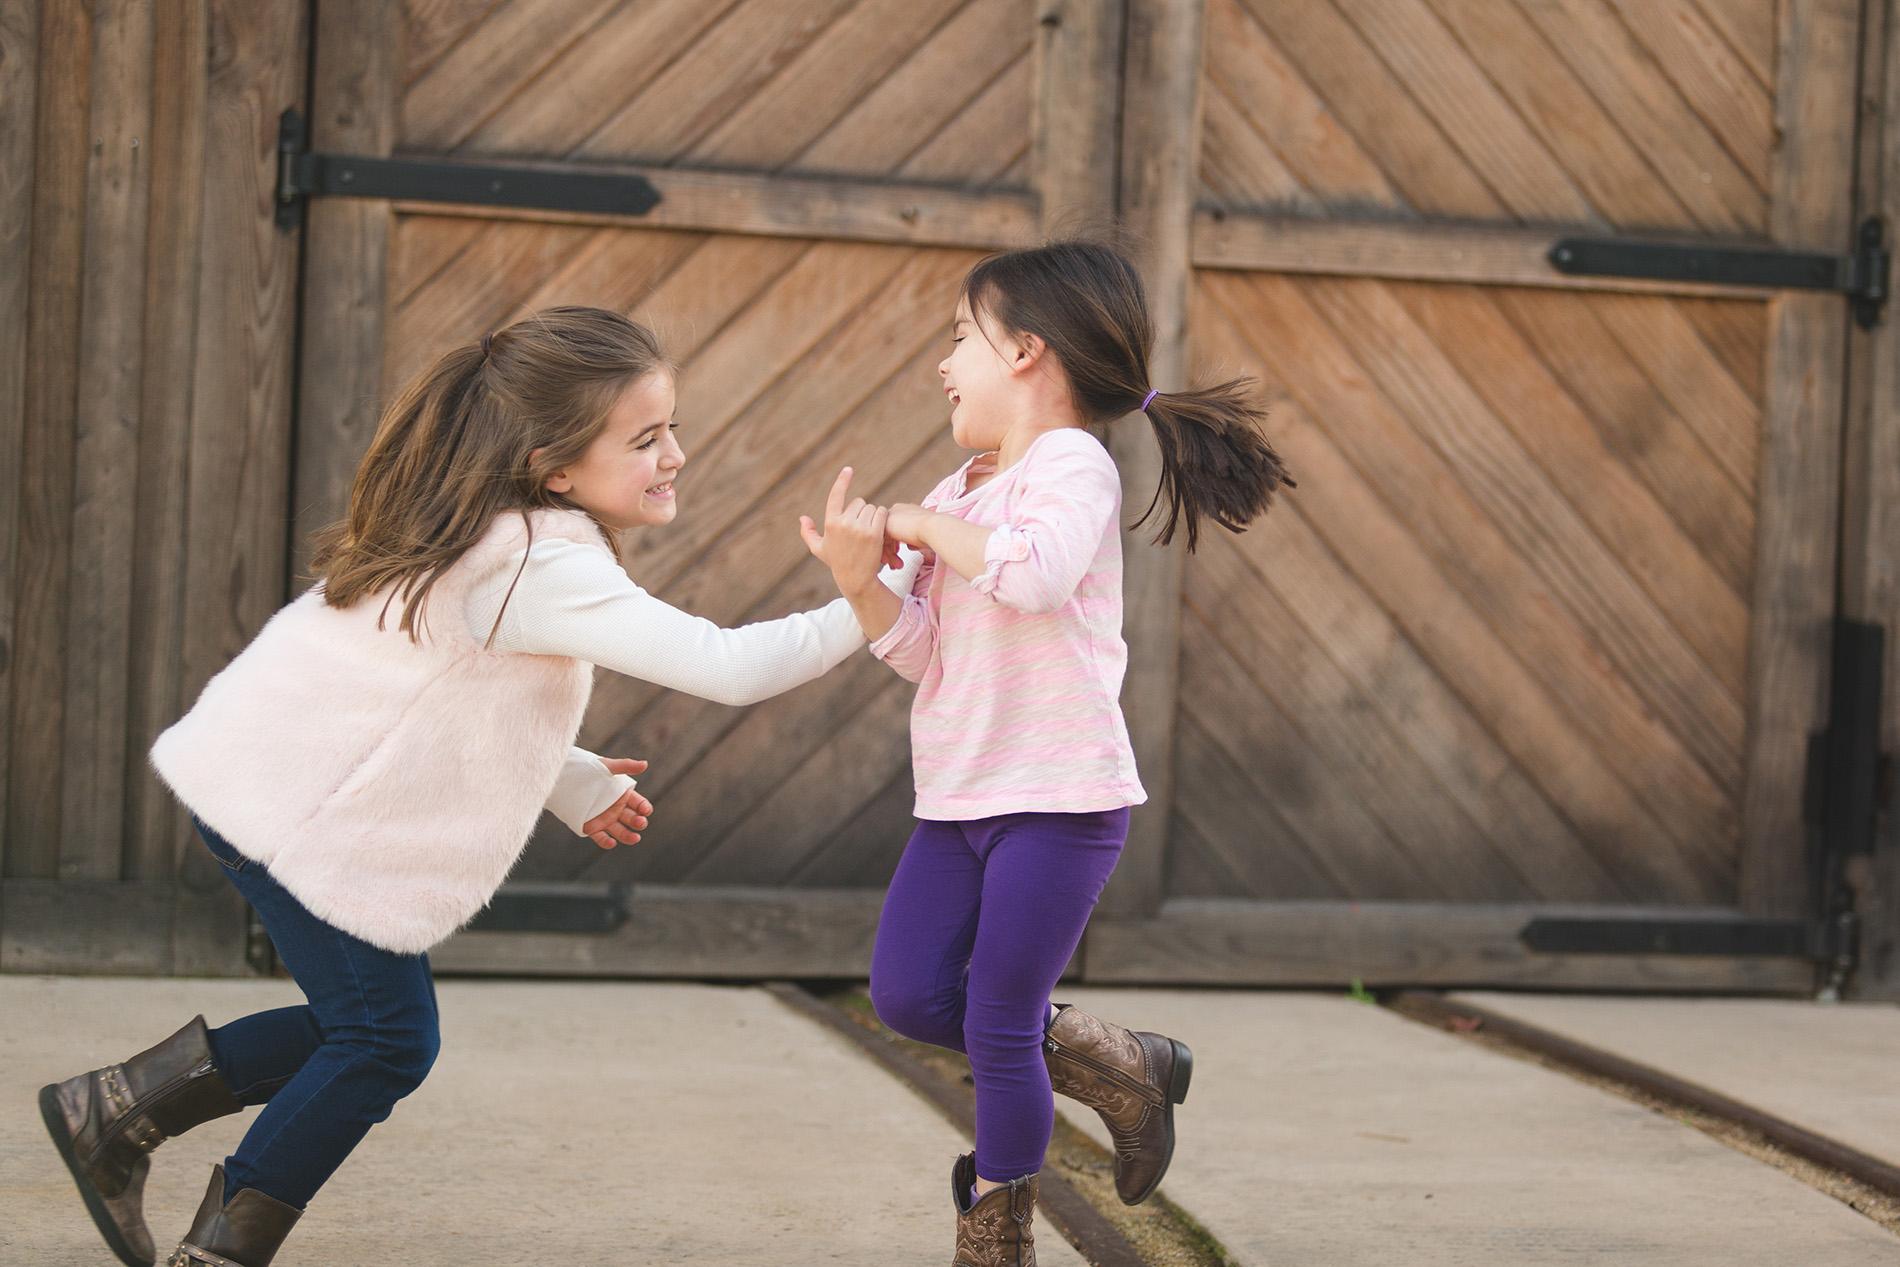 San Diego Family Photographer Christine Dammann Photography RF68